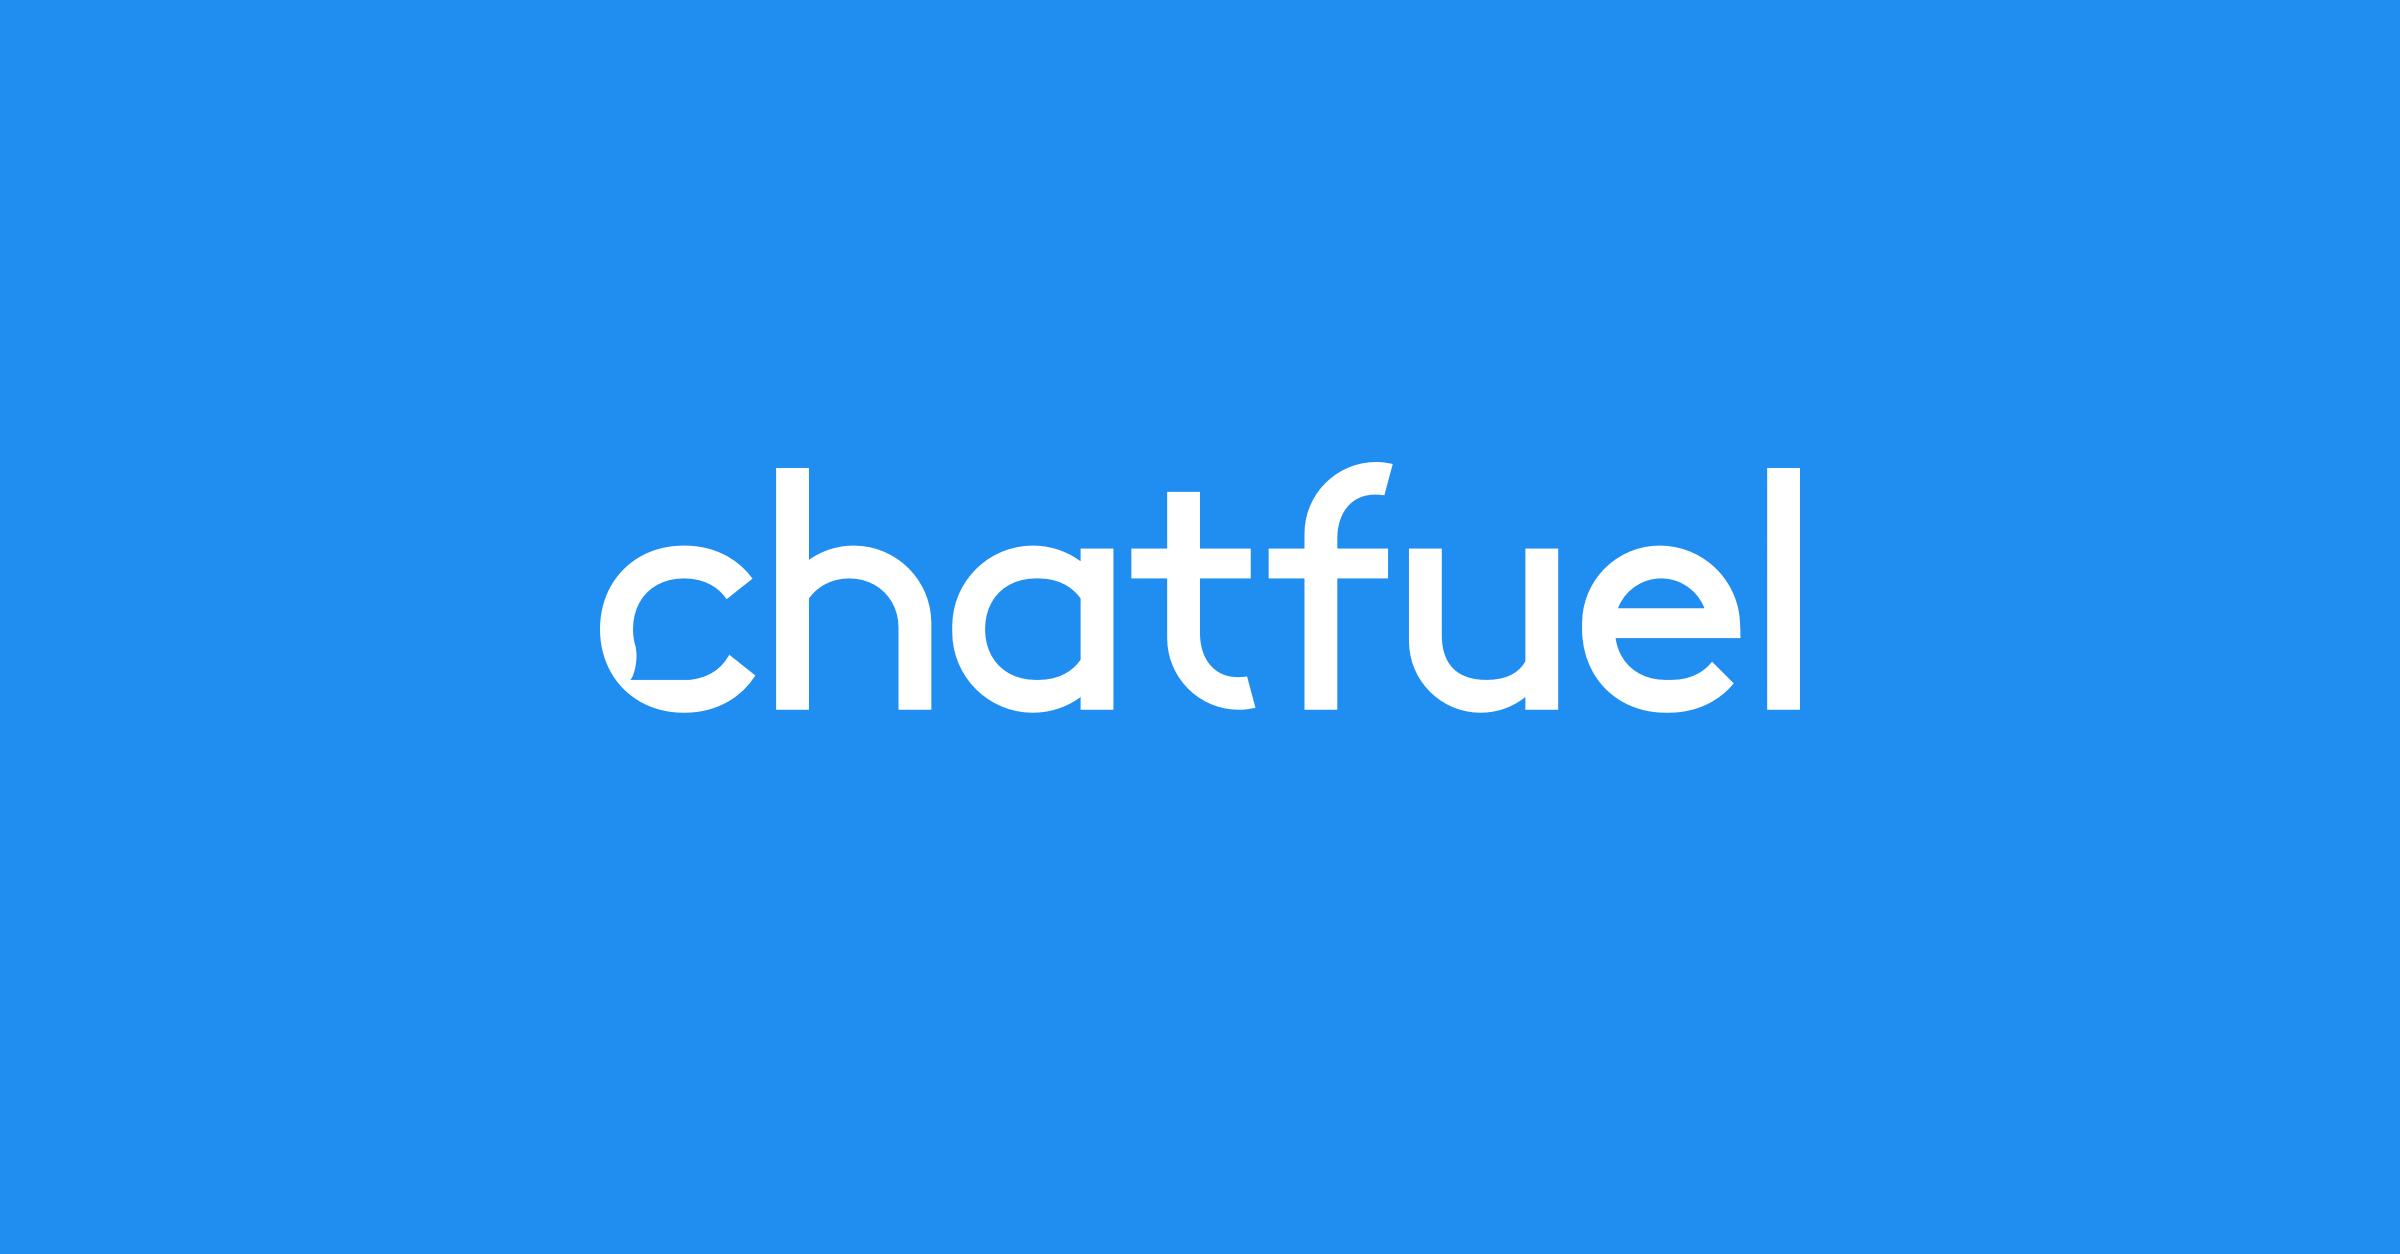 Avaliação Chatfuel: Líder global em chatbot para o Facebook Messenger - appvizer